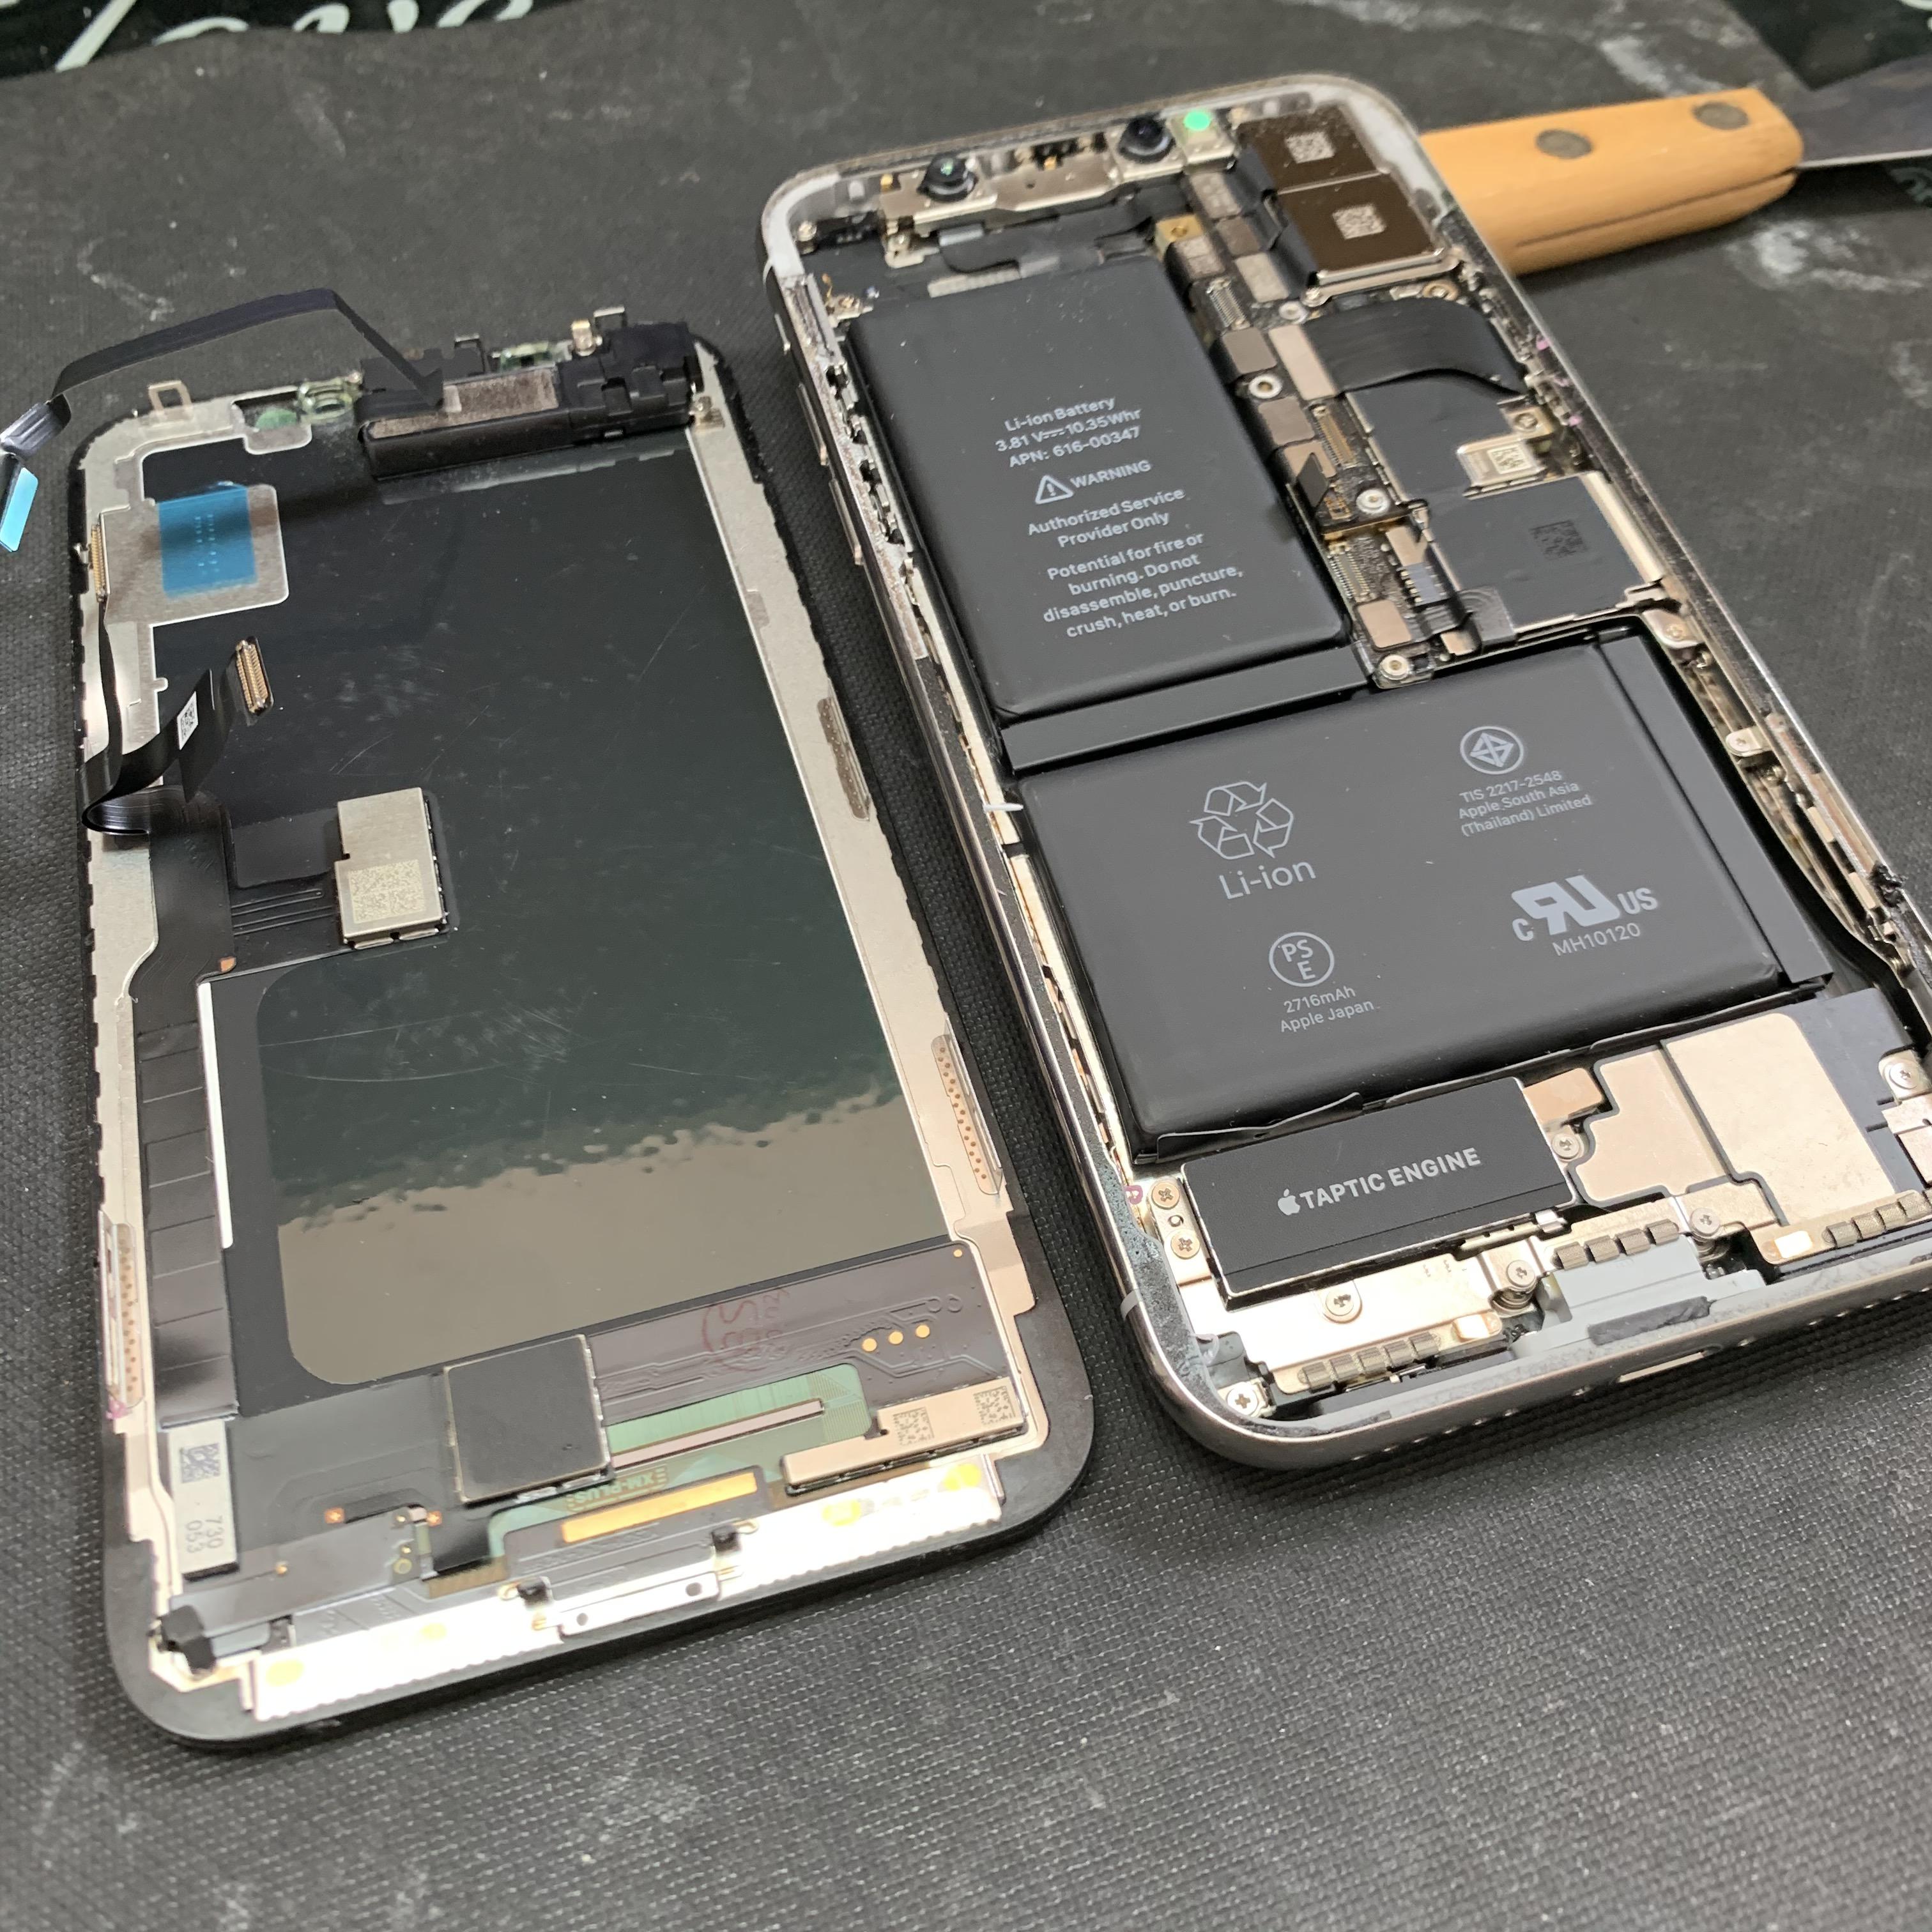 保護シート貼られたままのiPhoneXのパネル